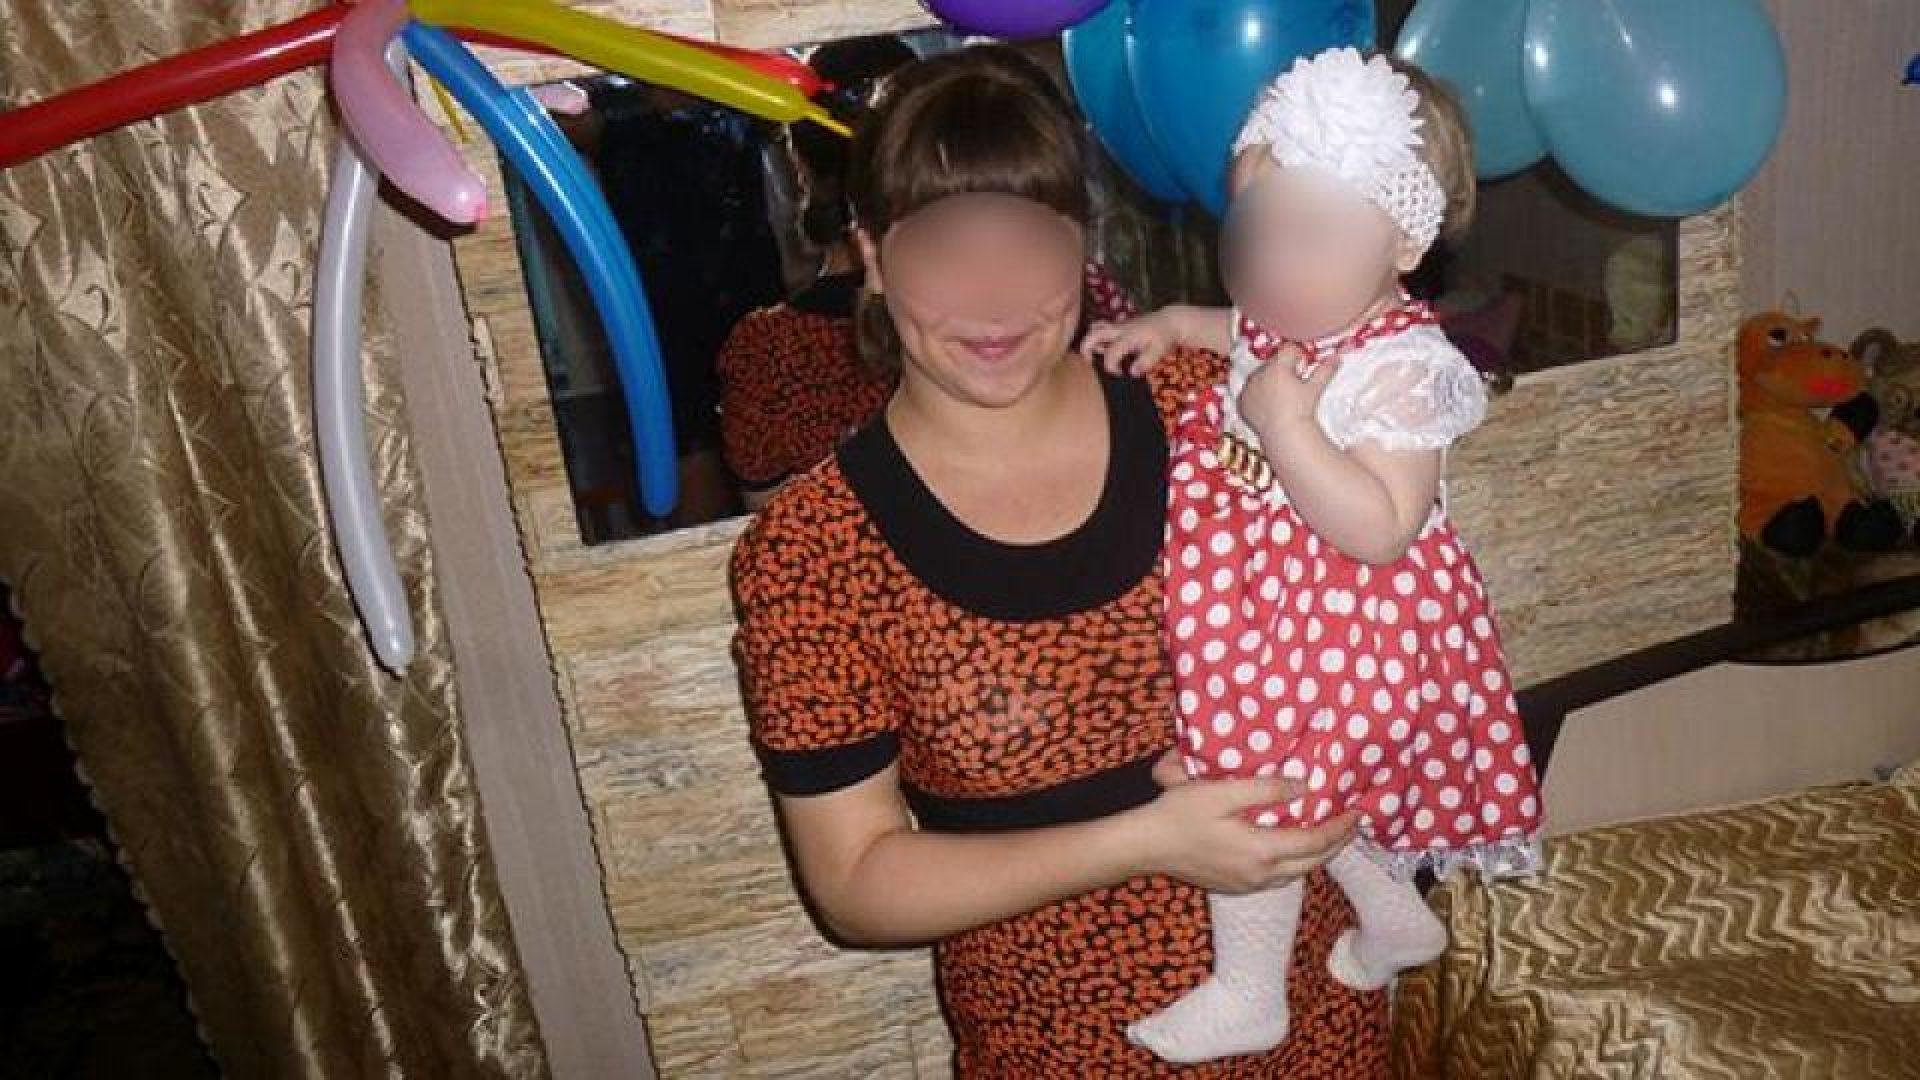 В Риддере задержан подозреваемый в жестоком убийстве матери троих детей